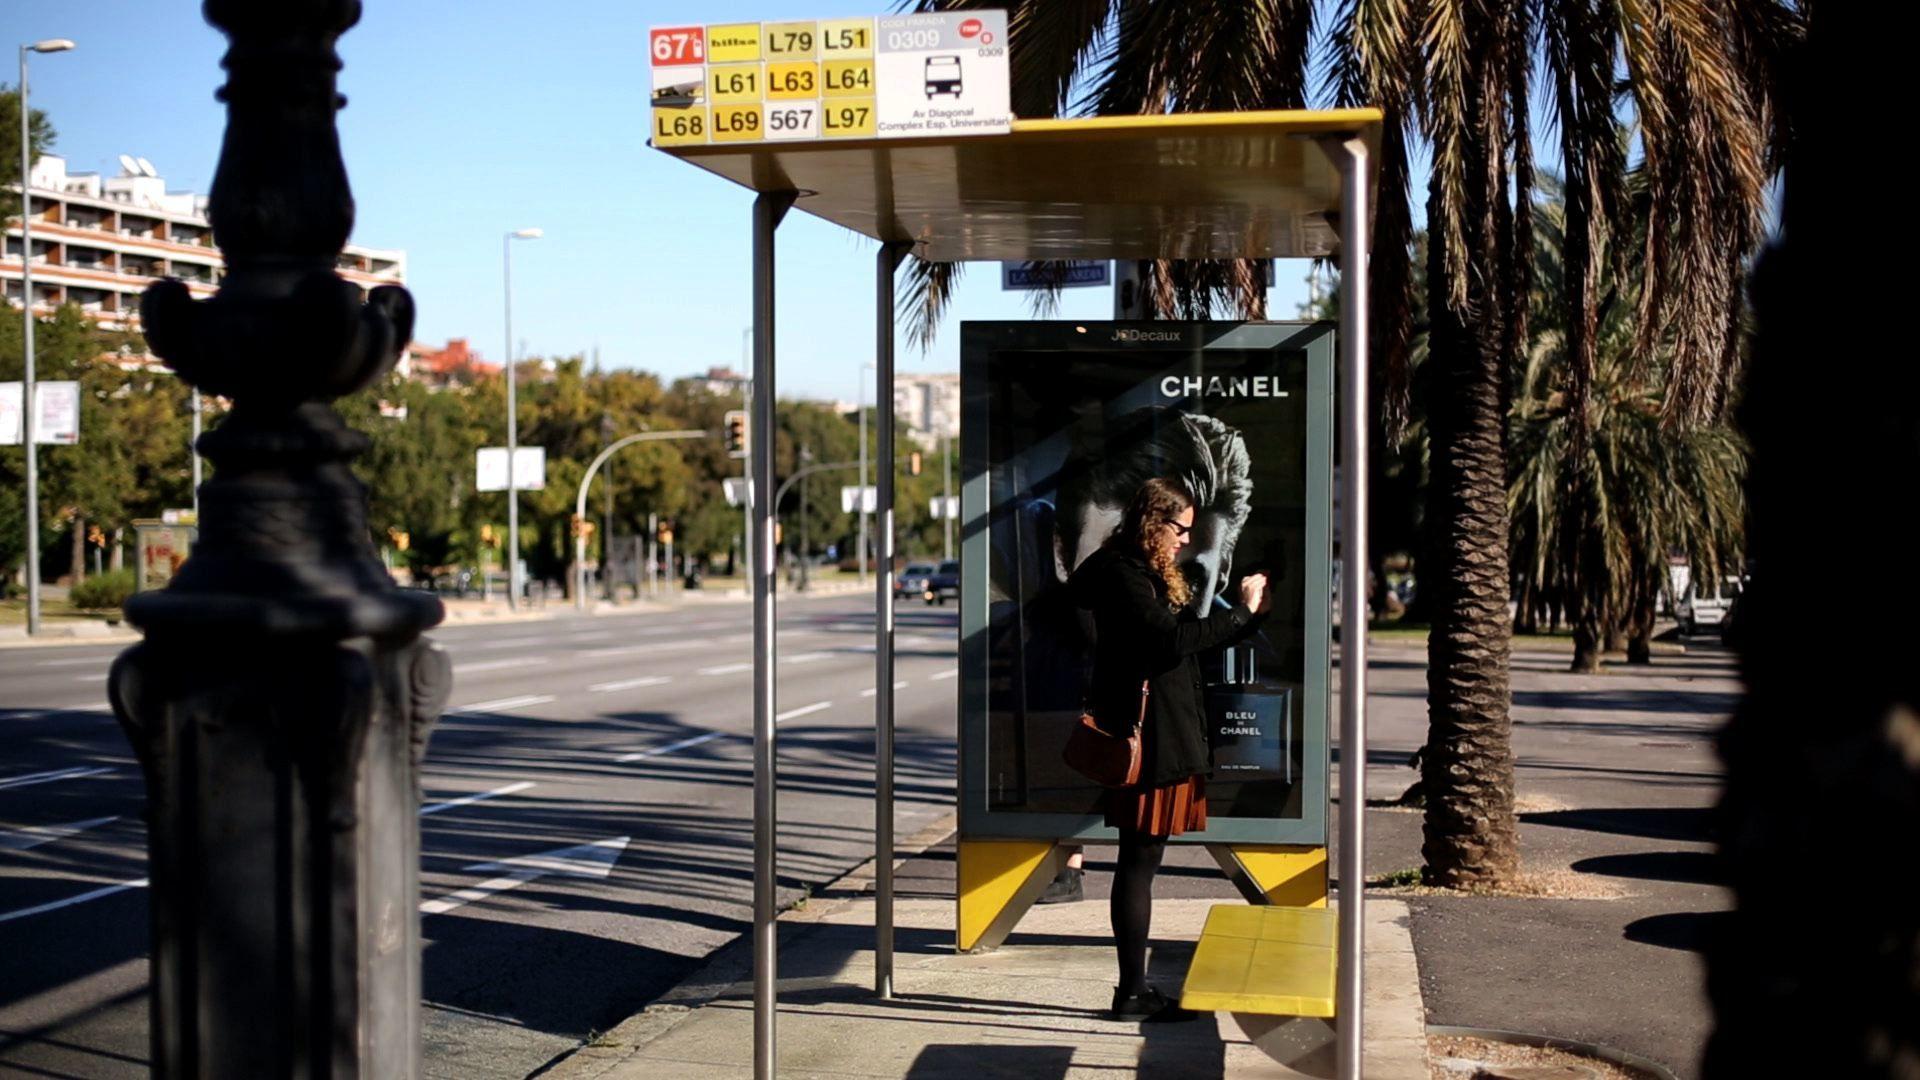 Organiza tus viajes en transporte público con la aplicación de la AMB